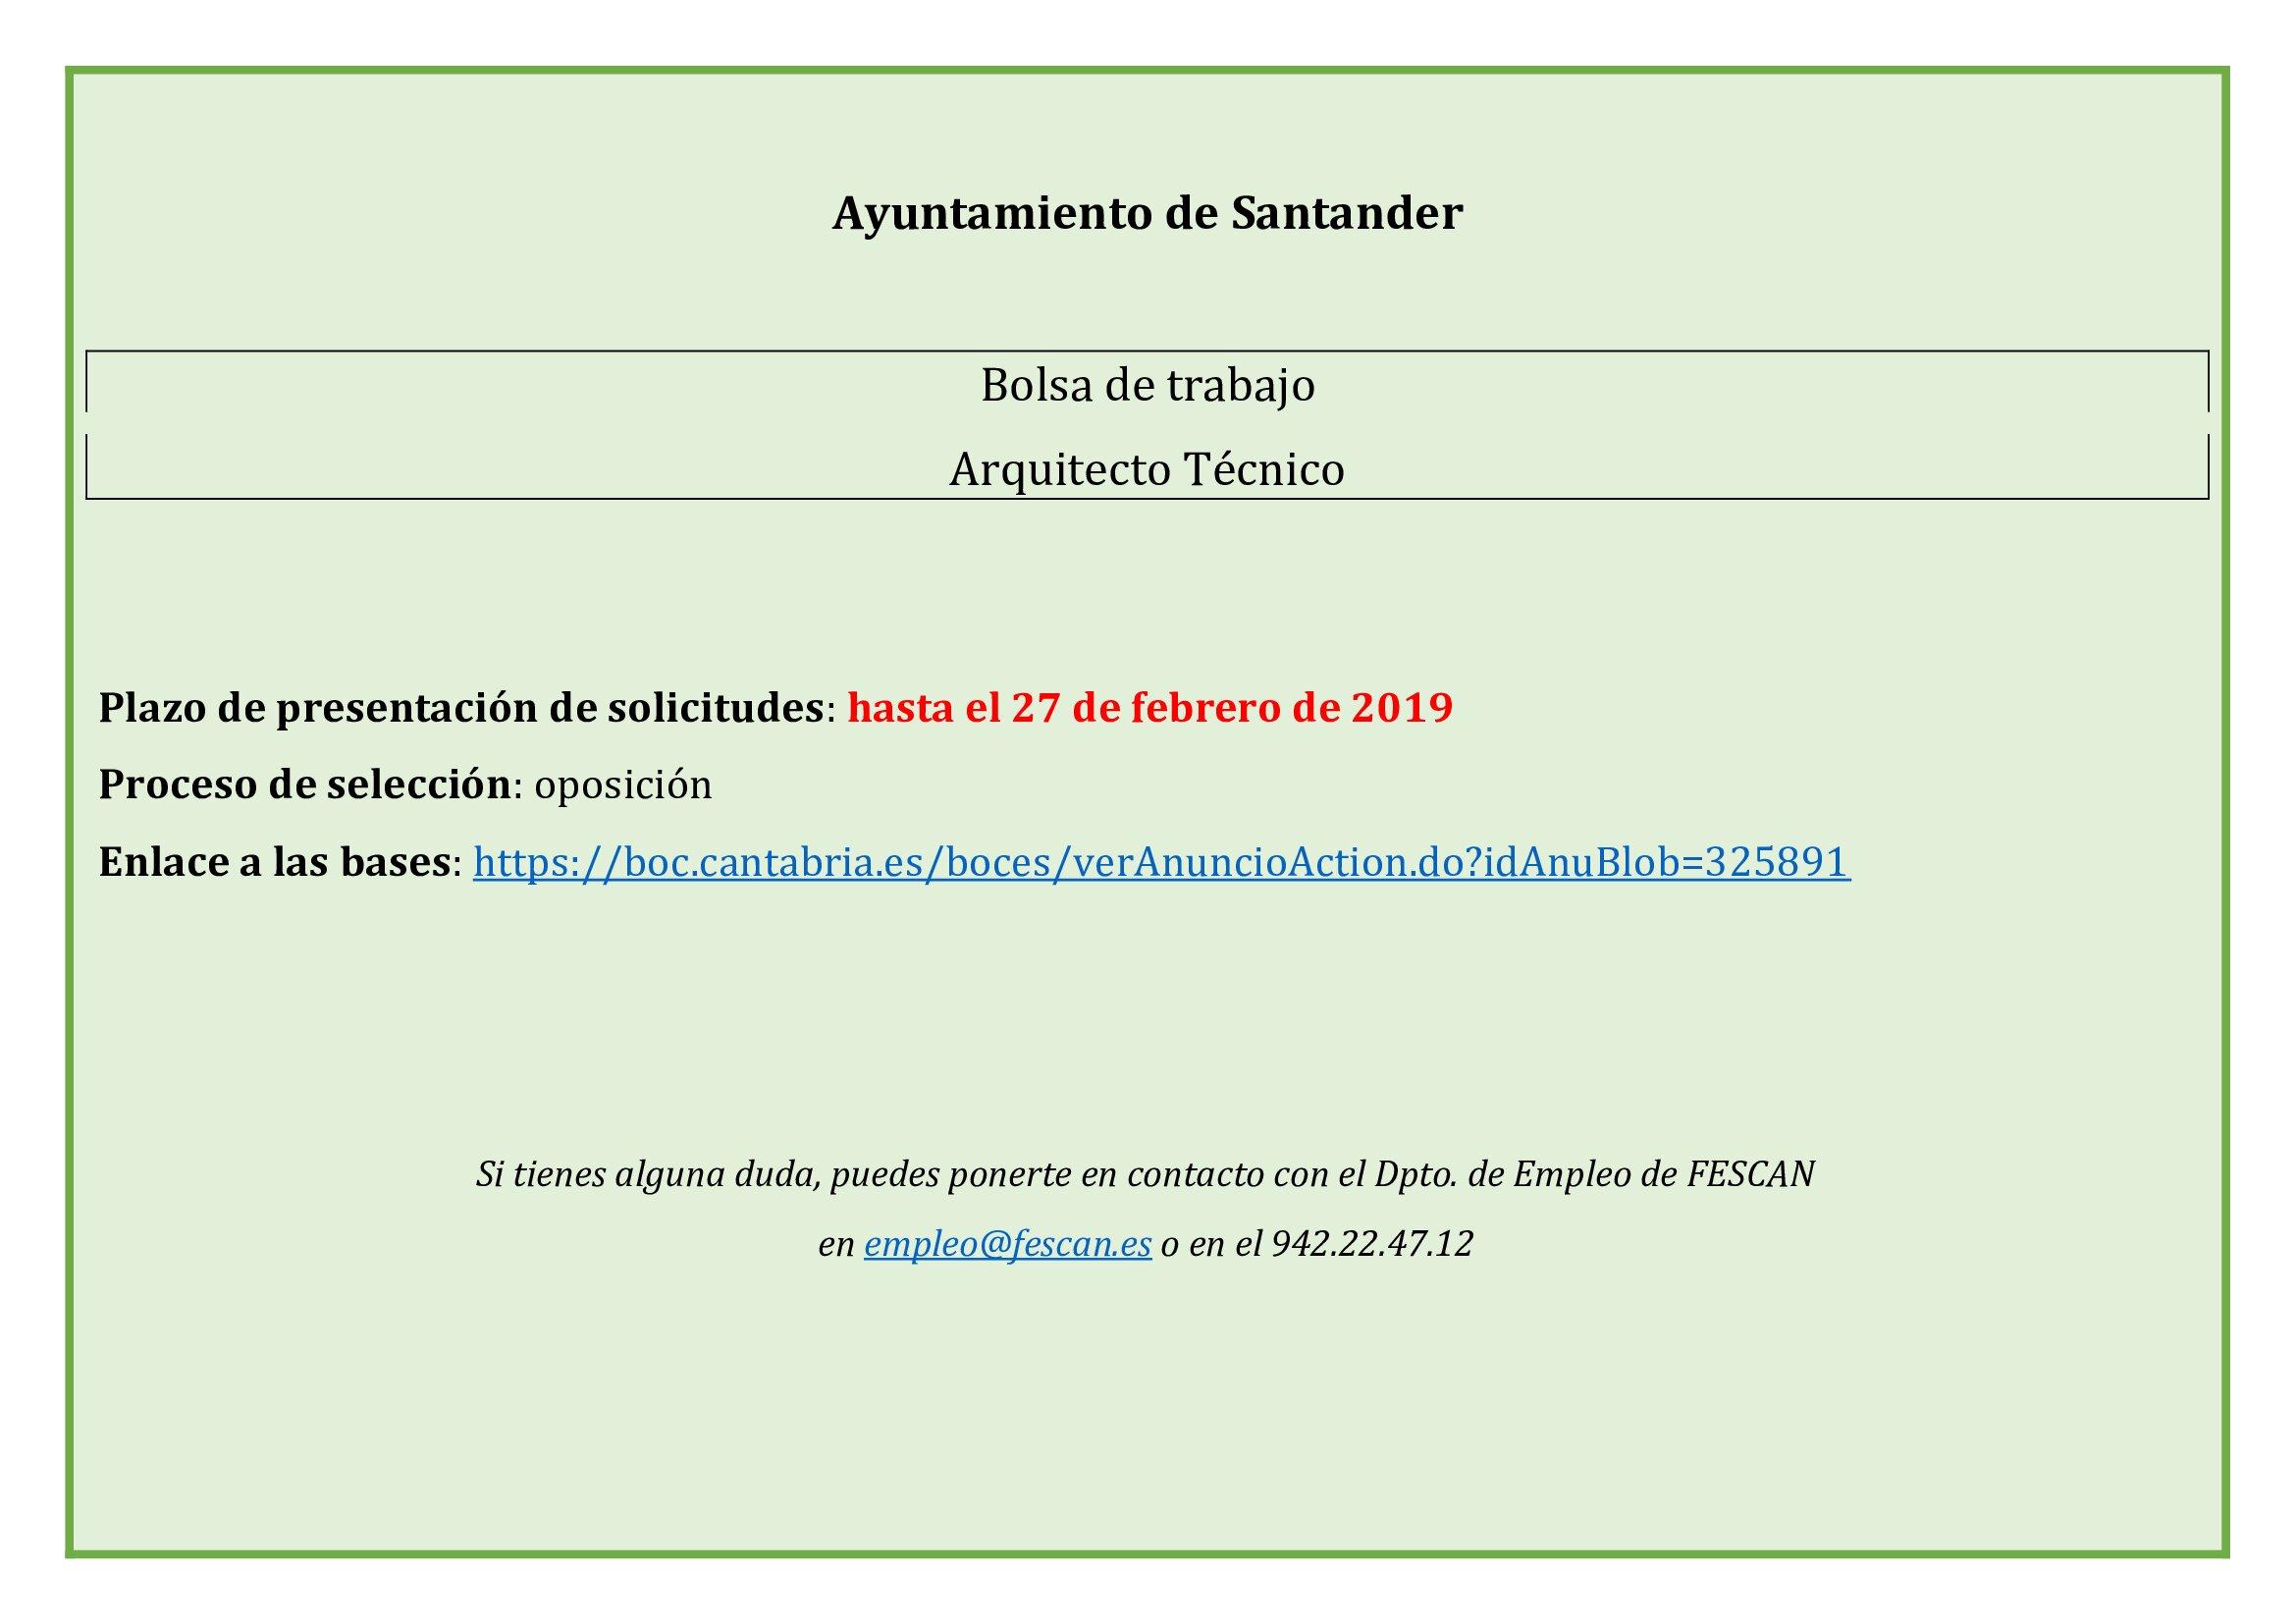 BOLSA DE TRABAJO ARQUITECTURA TÉCNICA DEL AYUNTAMIENTO DE SANTANDER